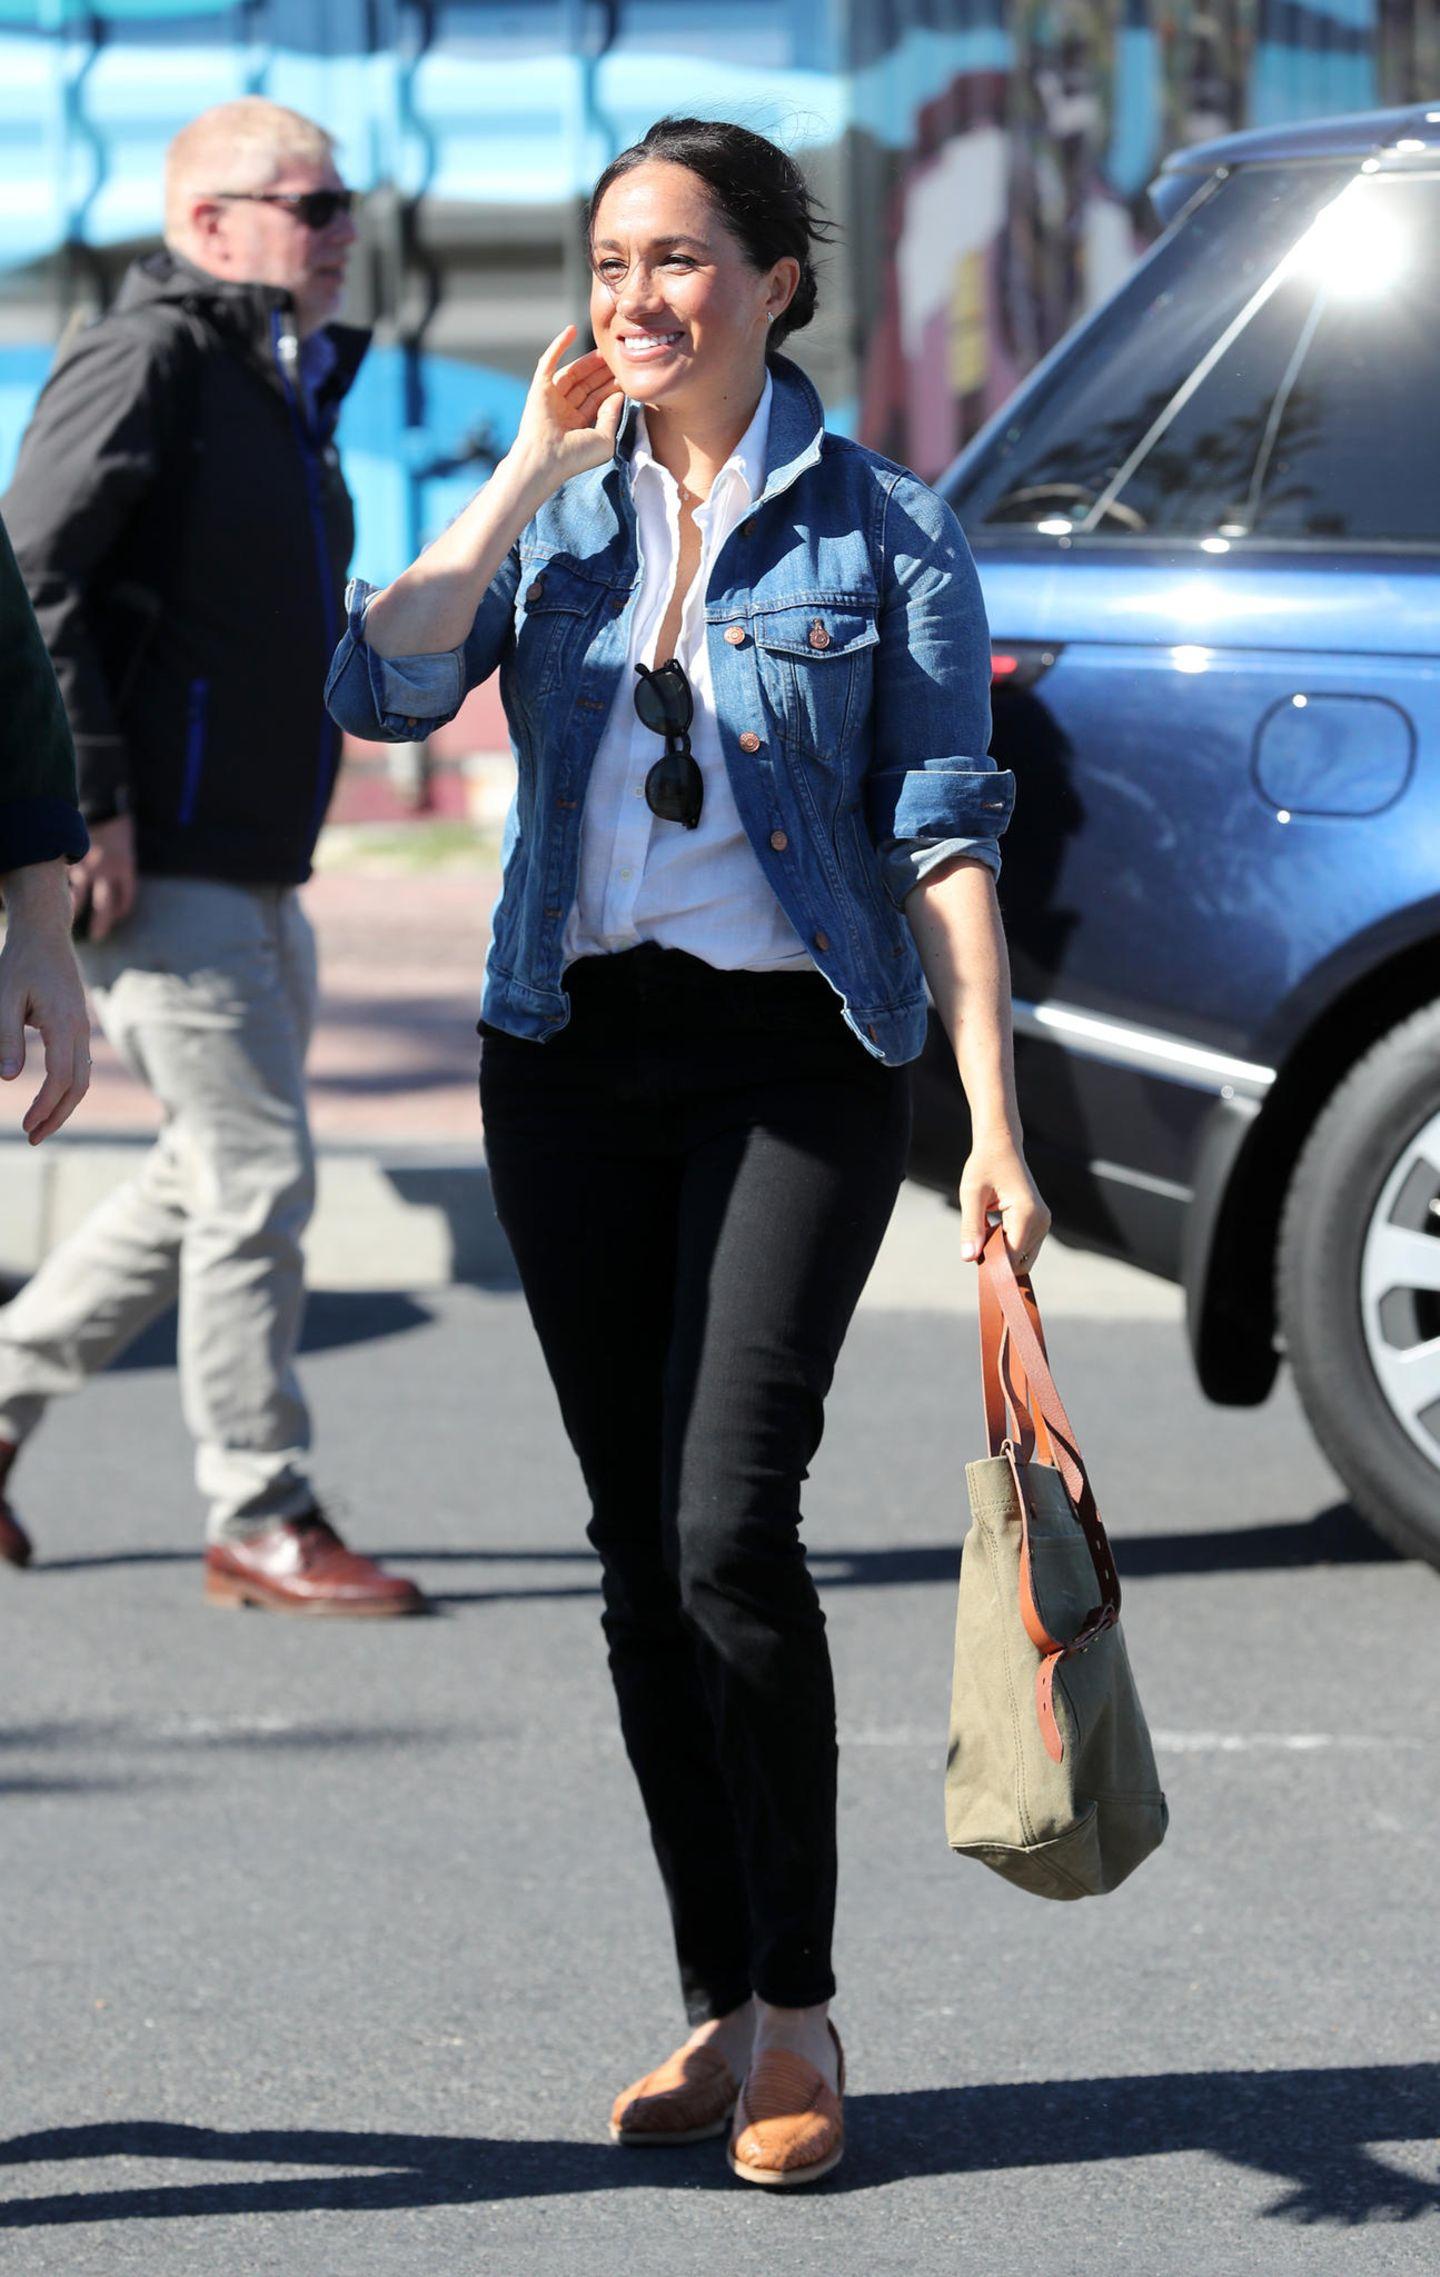 """Wow, was für ein ungewöhnlicher Look. Tag zwei ihrer Afrikatour startet leger. Auf dem Weg zur NGO """"Waves for Change"""" am Monwabisi Strand setzte Meghanauf eine sportliche Jeans, eine einfache weiße Bluse, eine bleue Jeansjacke und ein flache Espadrilles. dazu kombinierte sie einen großen Shopper und eine Sonnenbrille, die sie sich lässig in den Ausschnitt steckte.      auf Kleidund hohe Schuhe setzt Meghan diesmal auf eine sportliche Jeans, eine einfache weiße Bluse, eine bleue Jeansjacke und paar flache Espadrilles."""